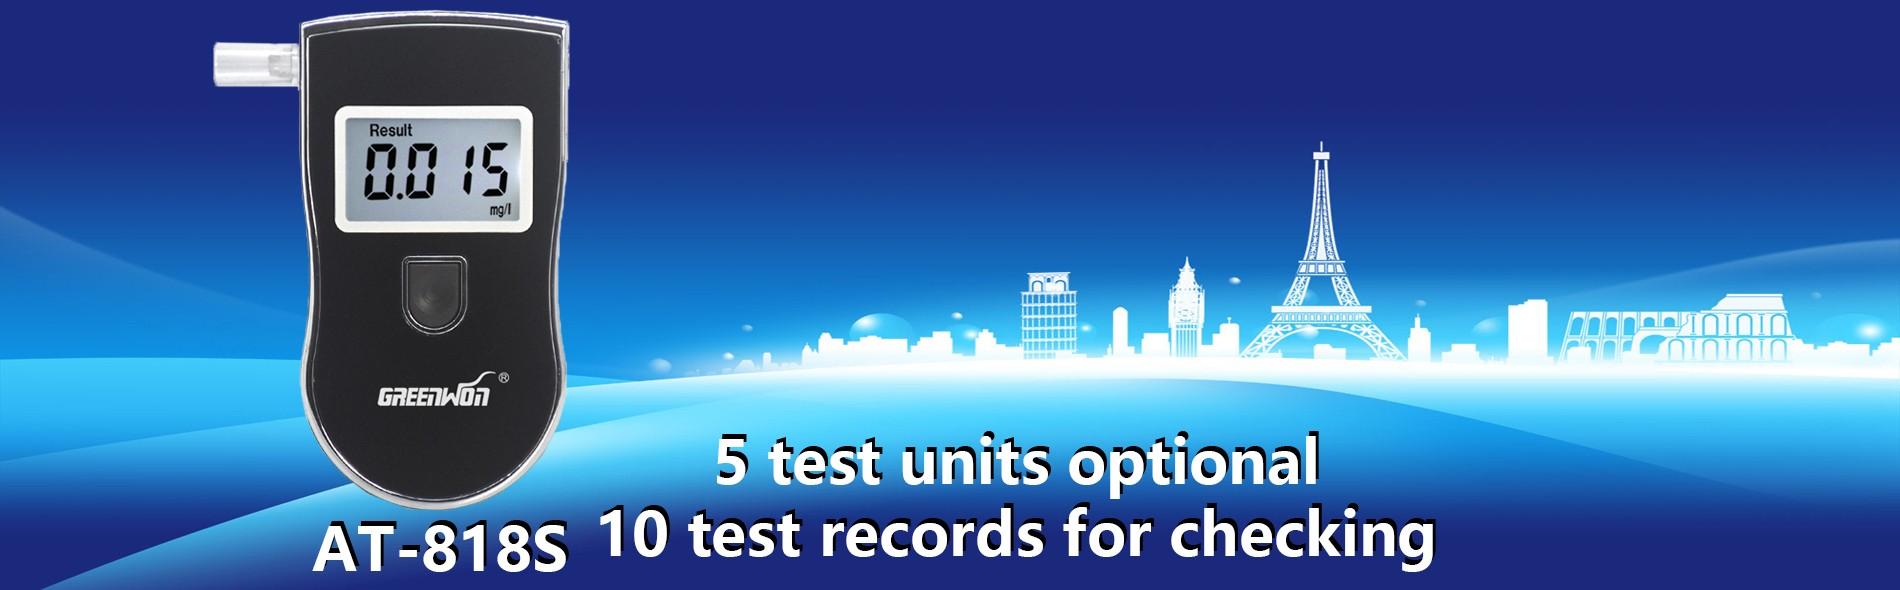 5 test units optional